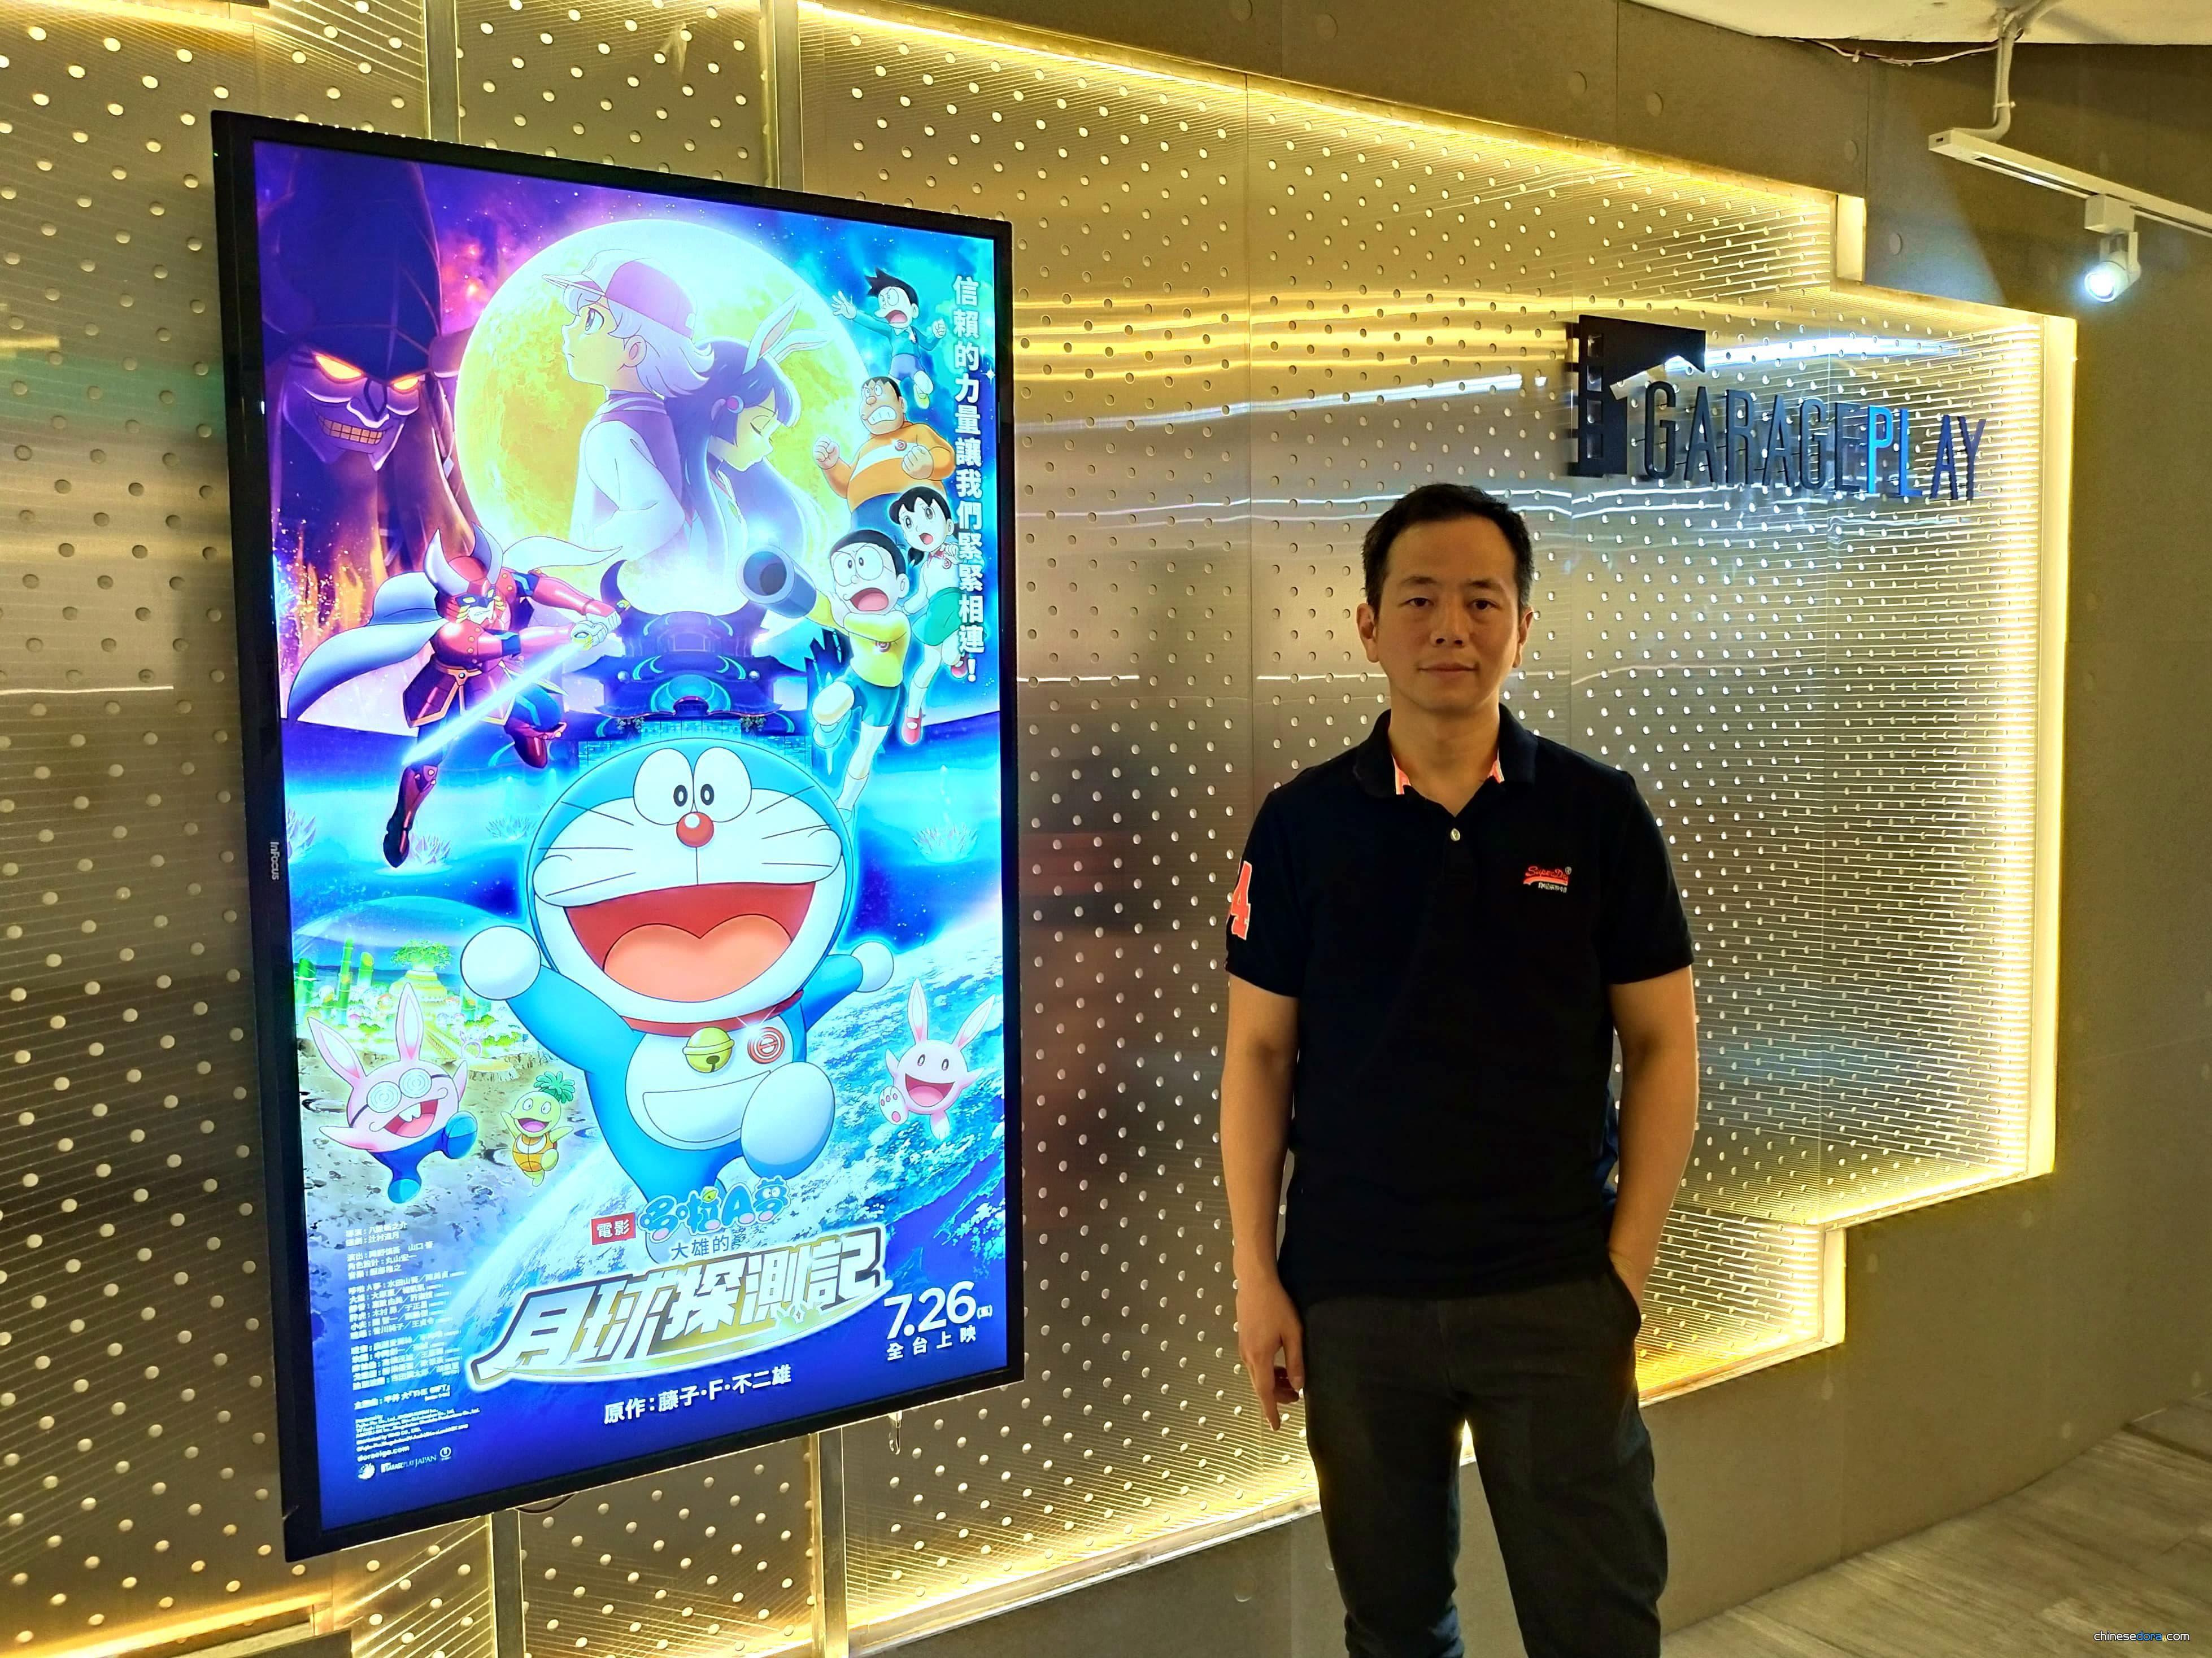 【獨家專訪】「以院線片規格做哆啦A夢」 專訪車庫娛樂創辦人張心望